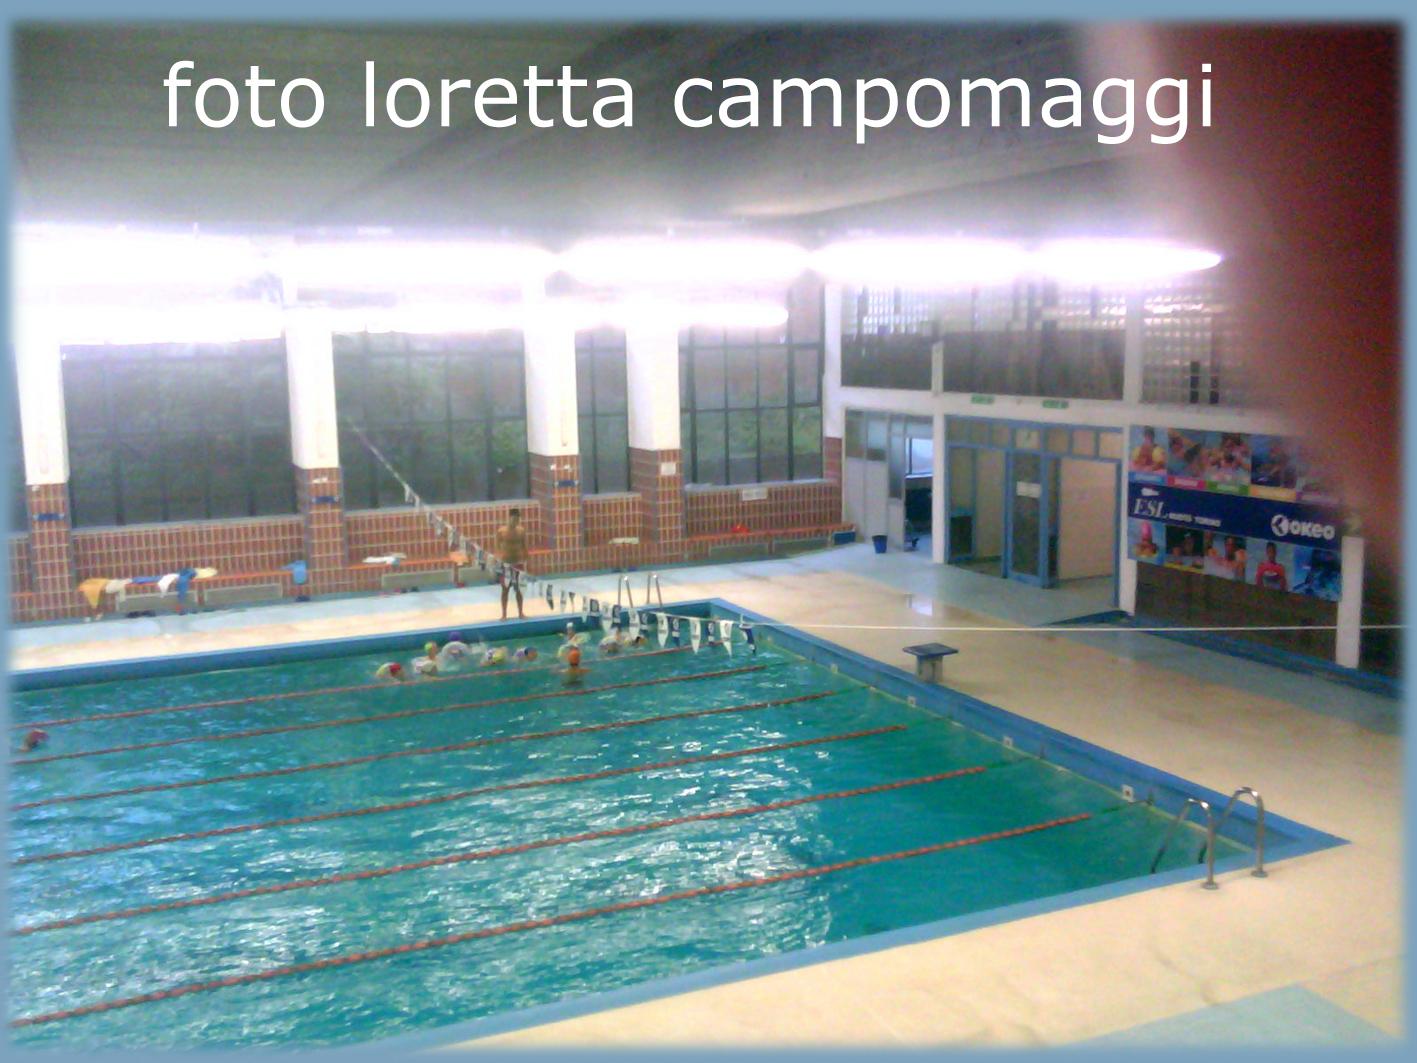 Contofinoa3 la piscina istruzioni per l 39 uso - Calze per piscina ...